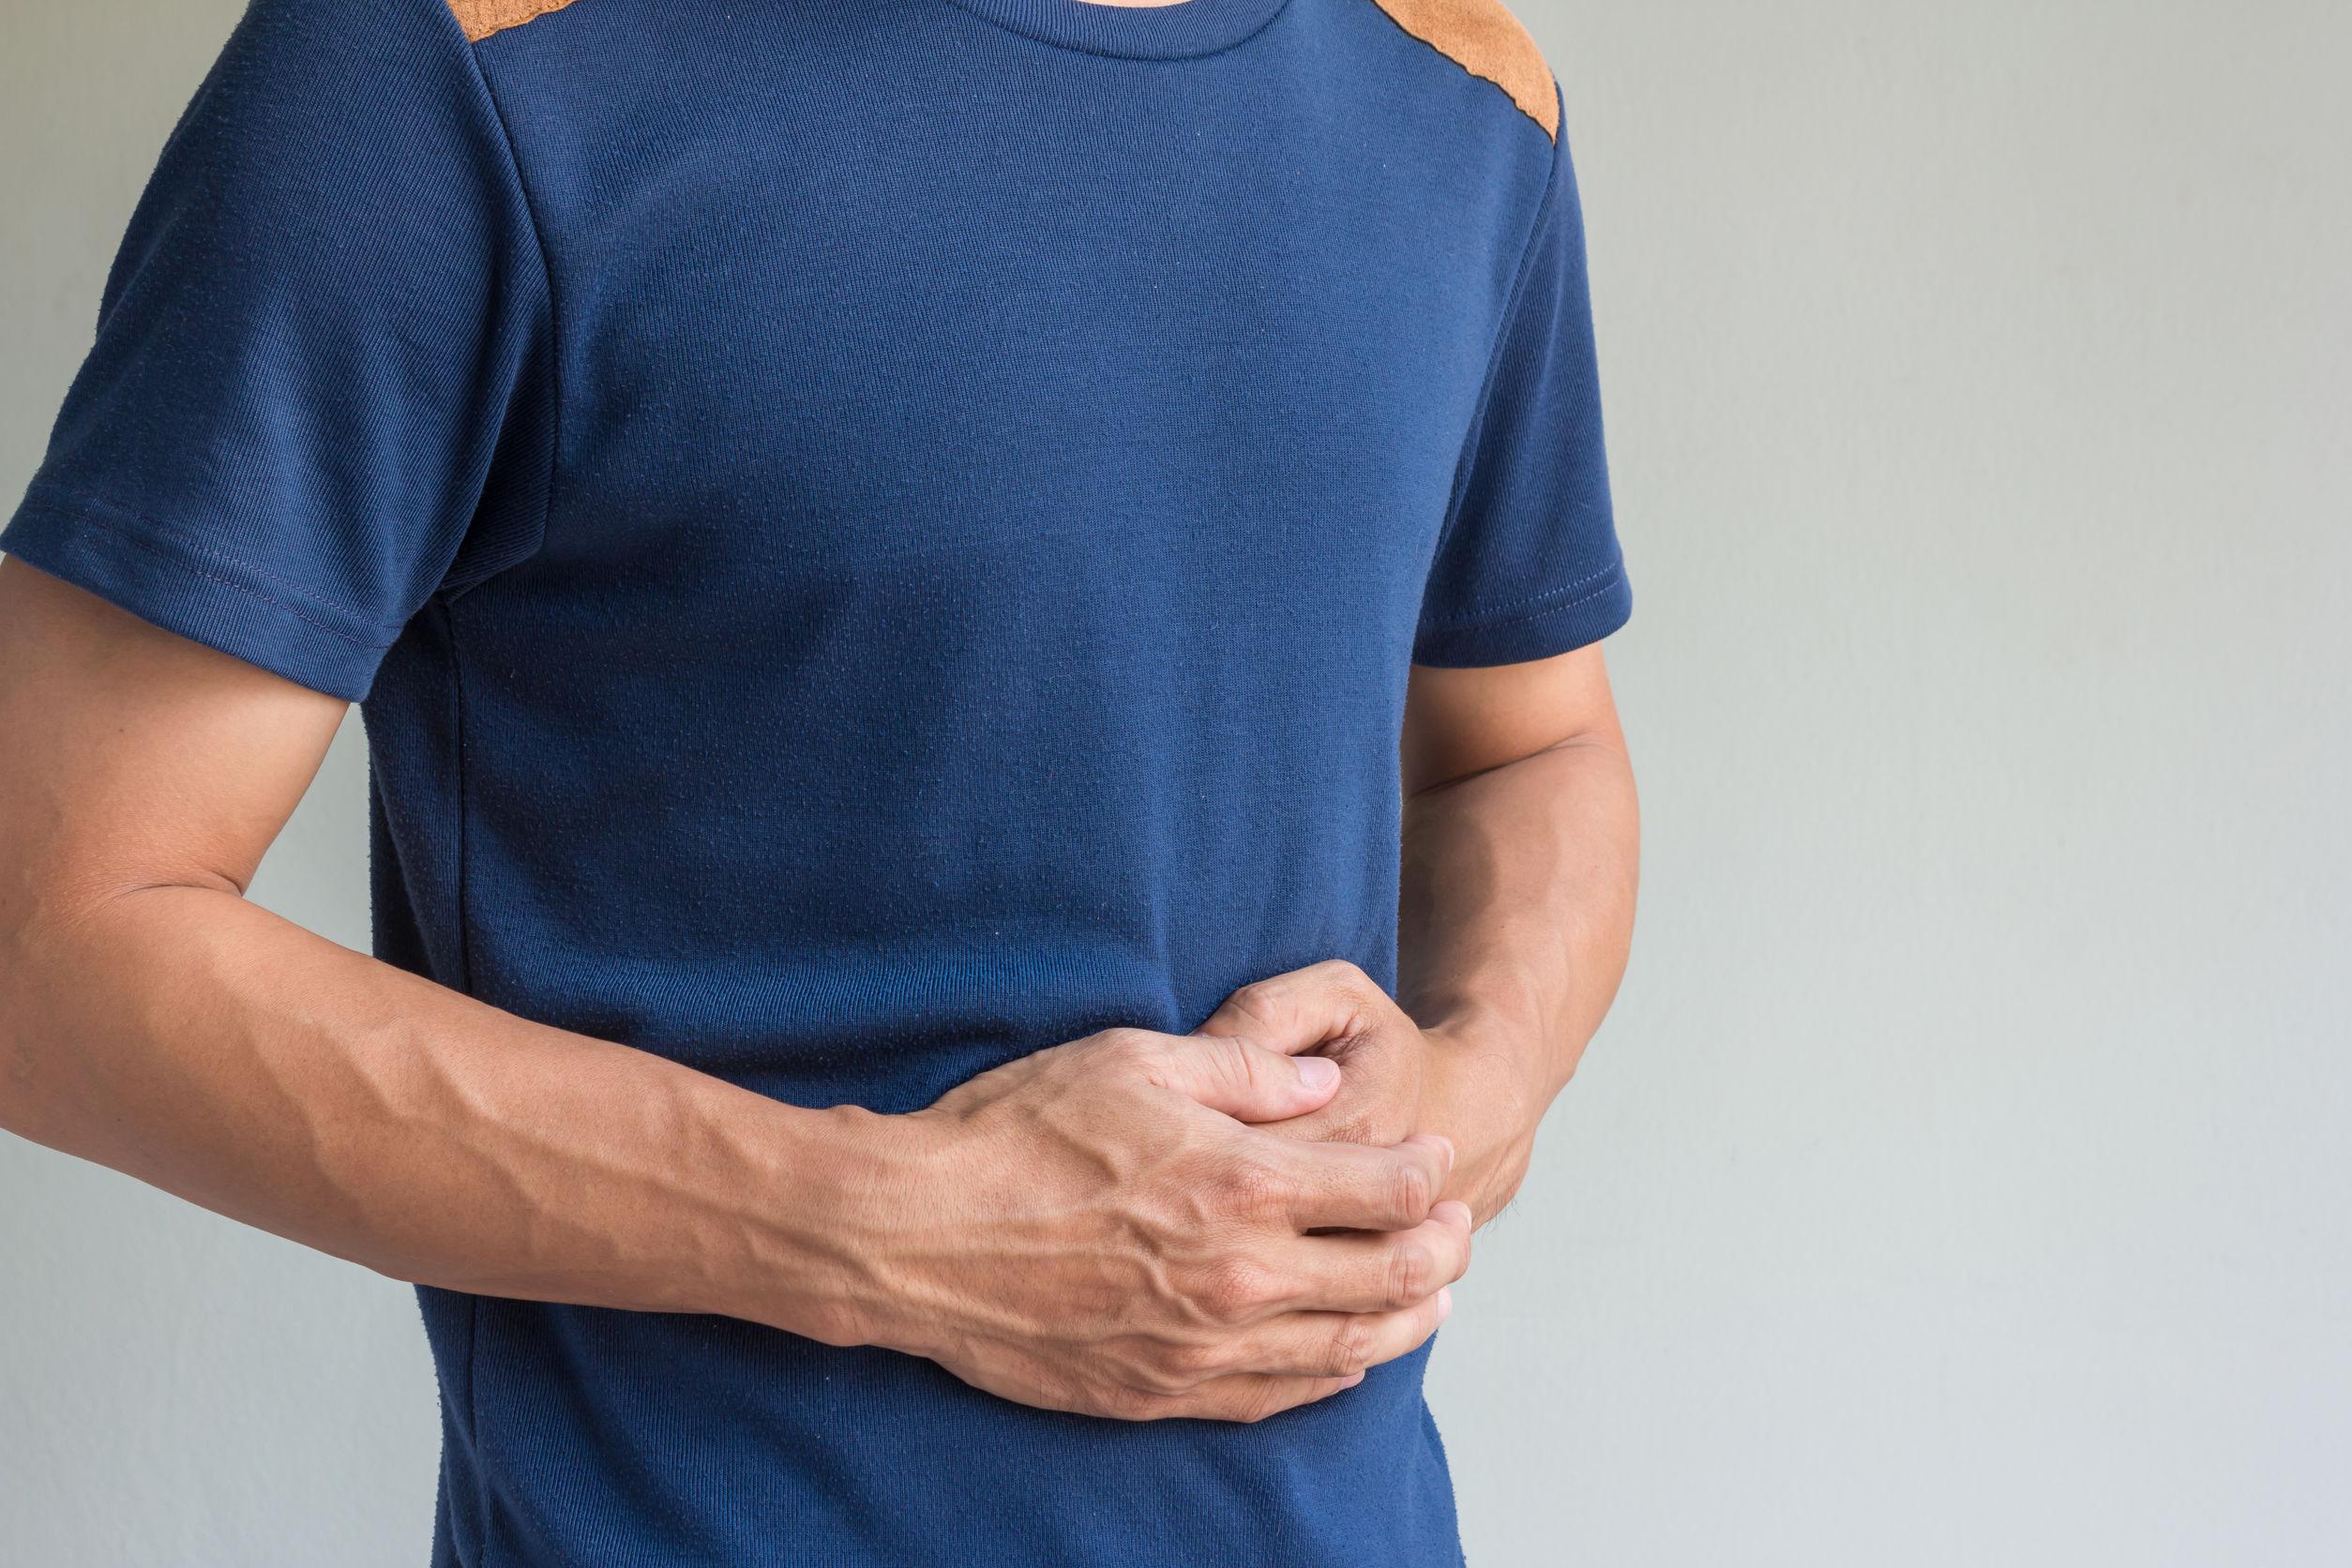 Pulizia del colon: Quando è necessaria?